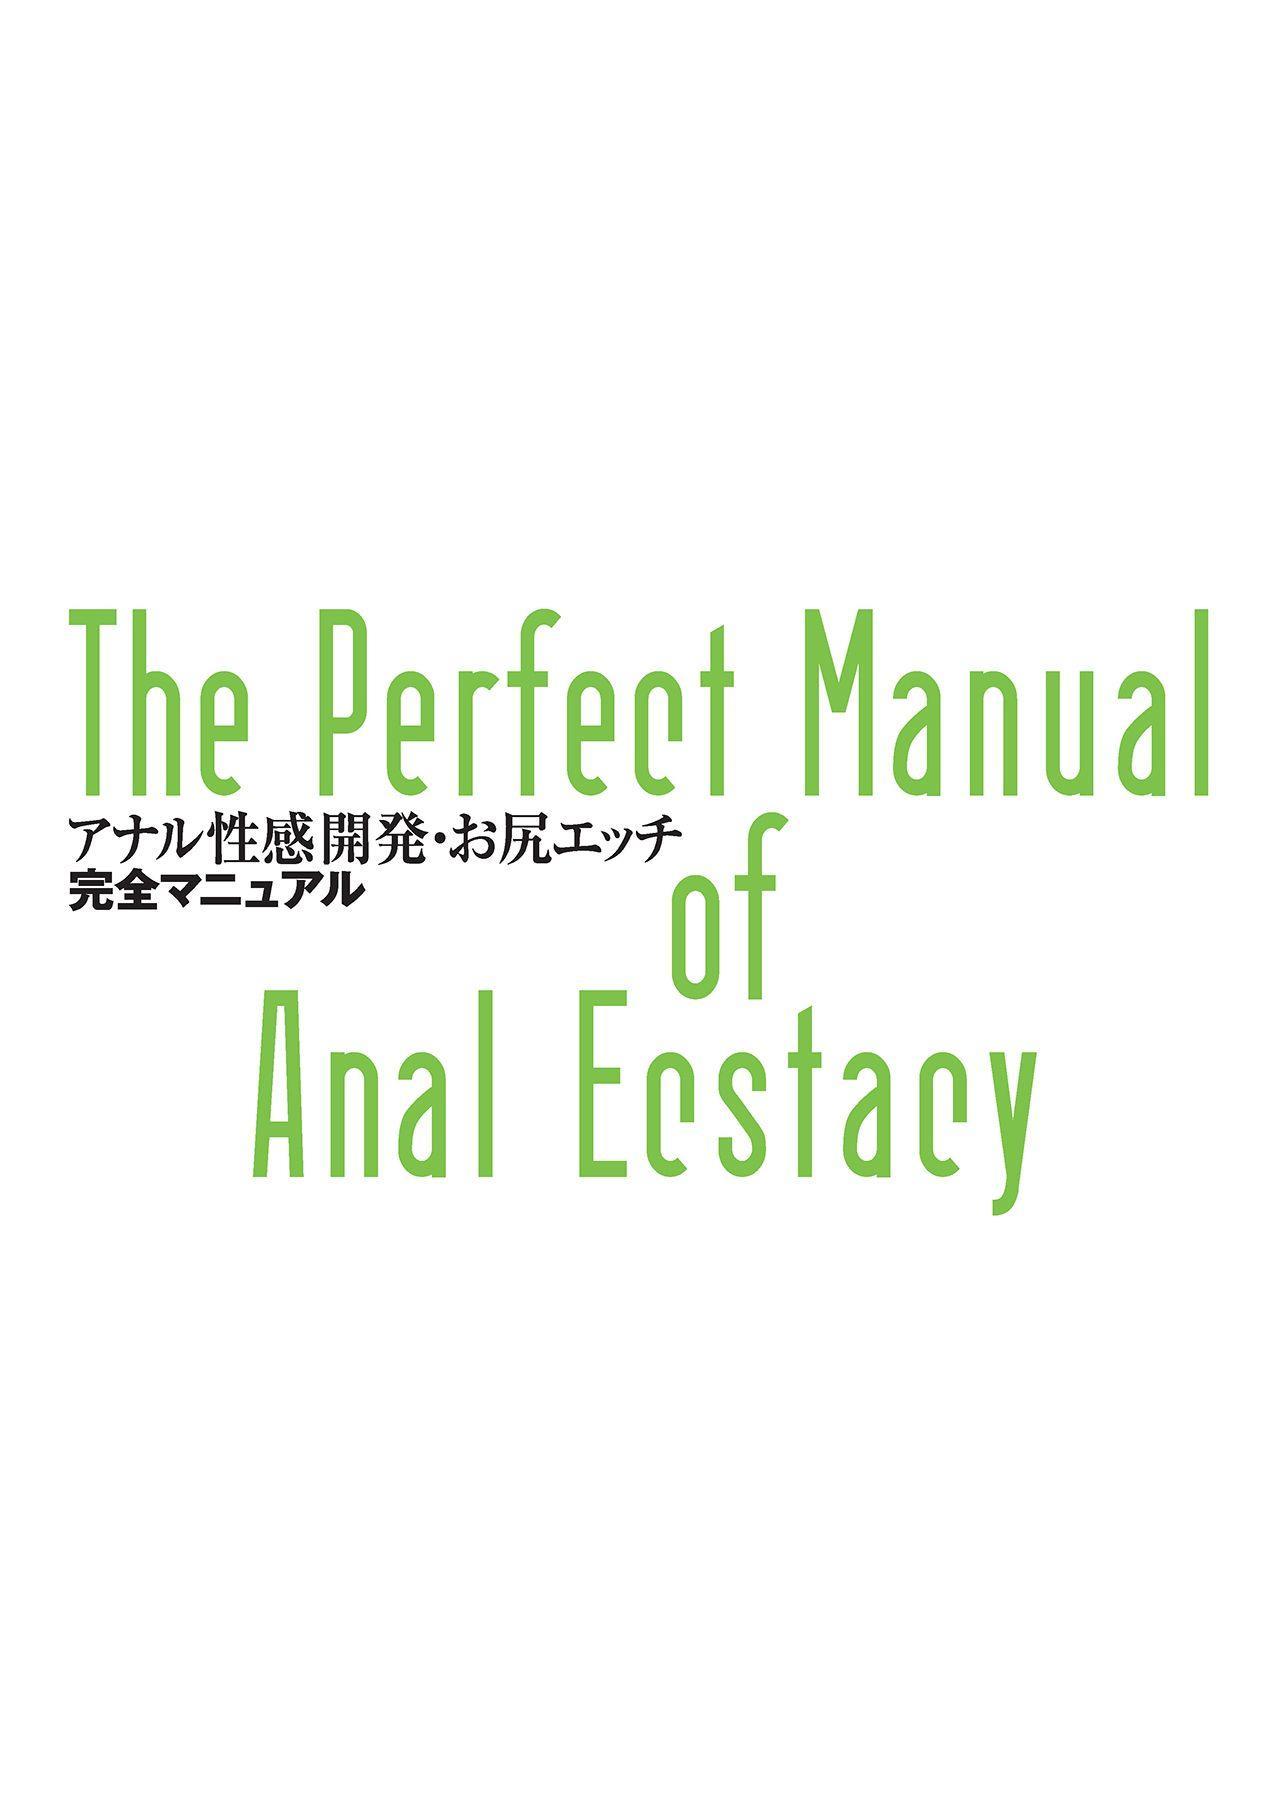 アナル性感開発・お尻エッチ 完全マニュアル 98